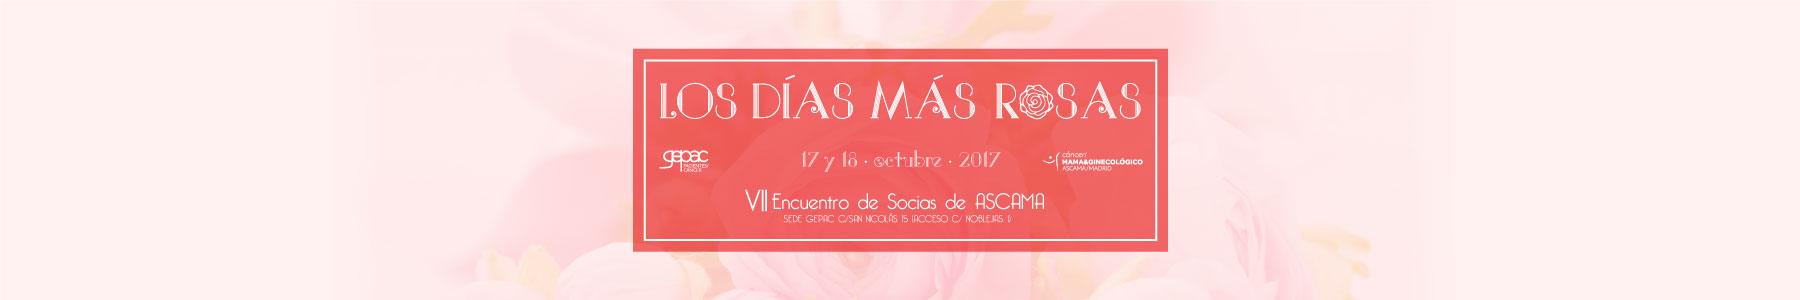 banner-aeal-dias-mas-rosas-2017